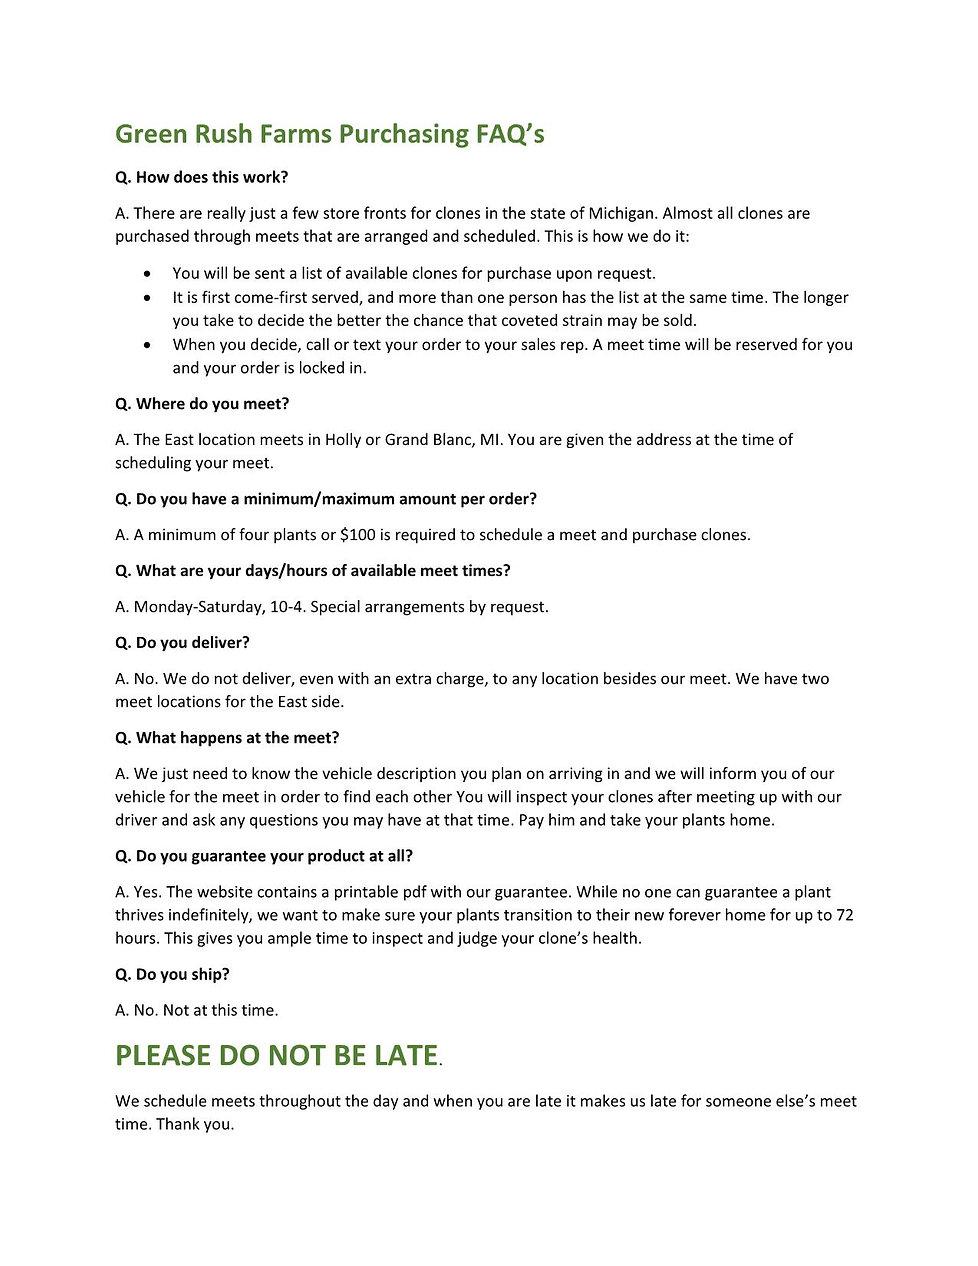 Green Rush Farms FAQ_1.jpg